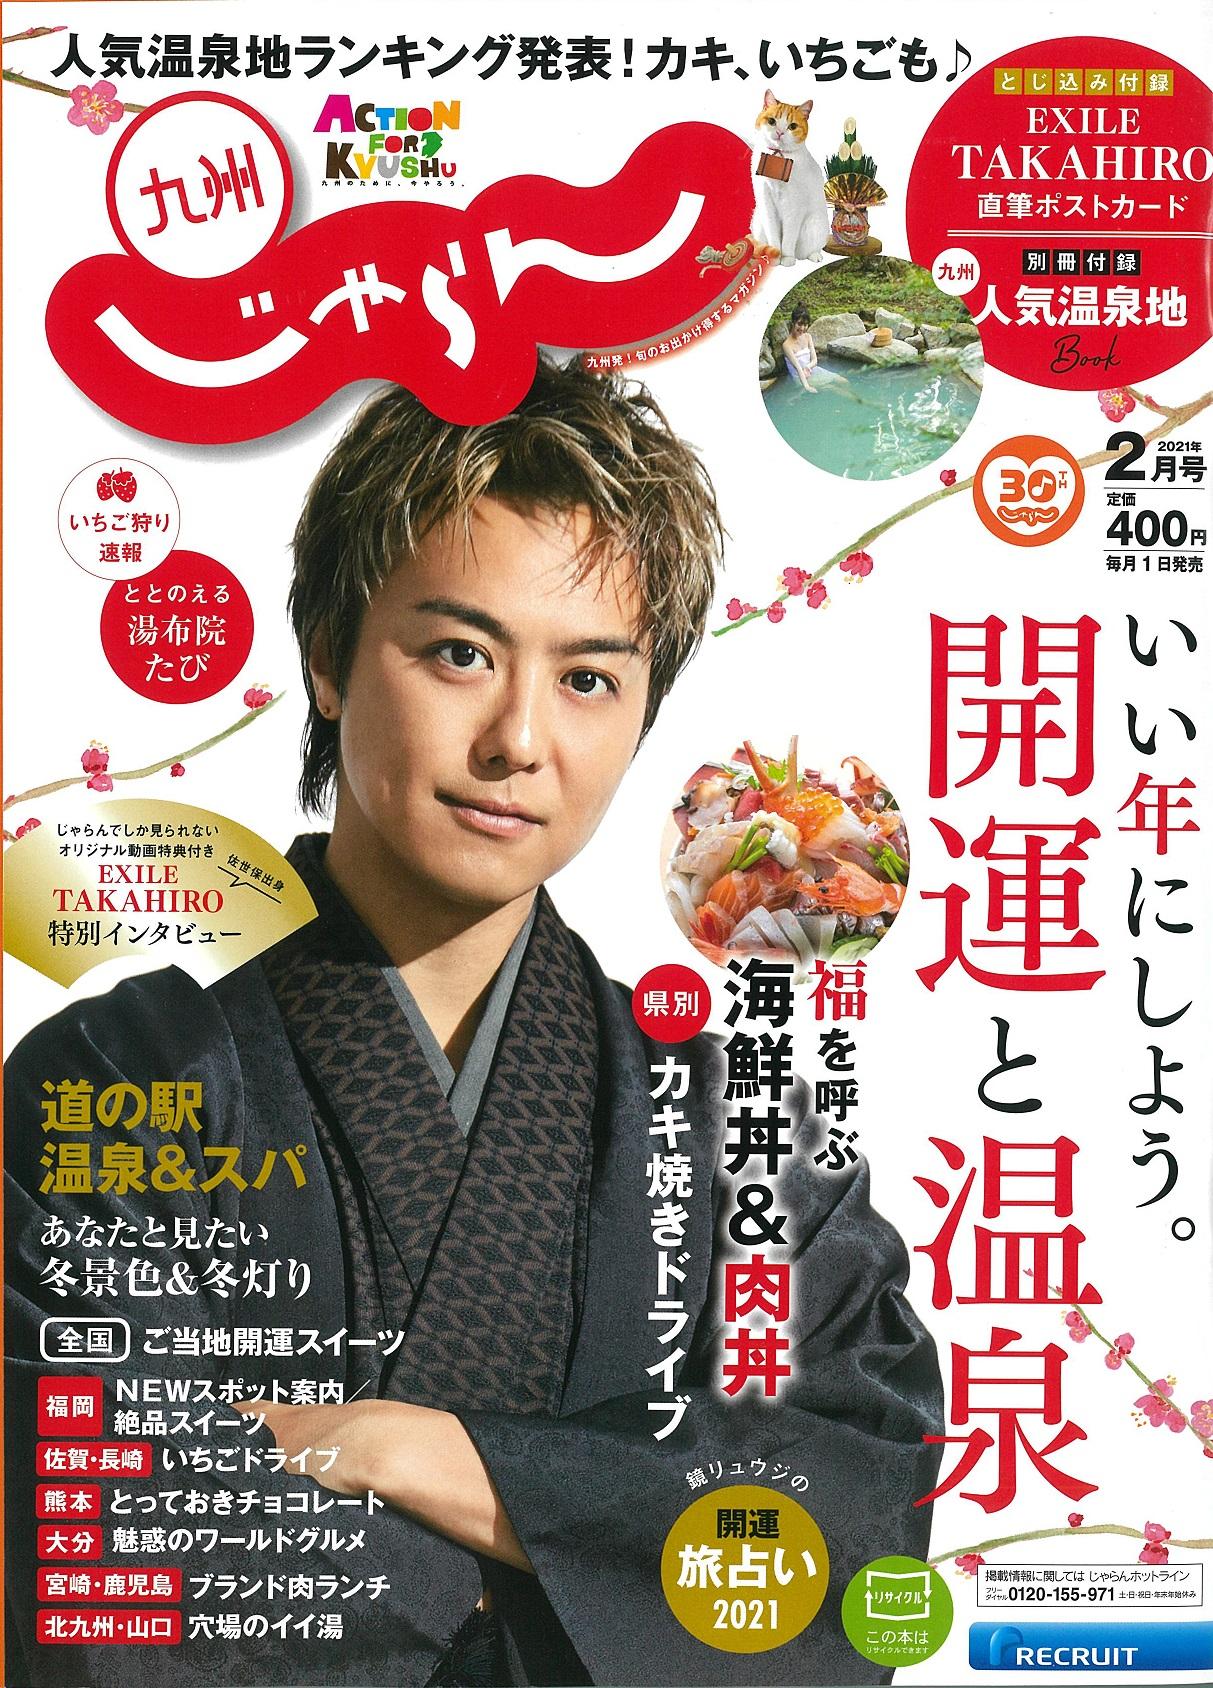 じゃらん2月号で旅館吉田屋とkihacoをご紹介頂きました!!